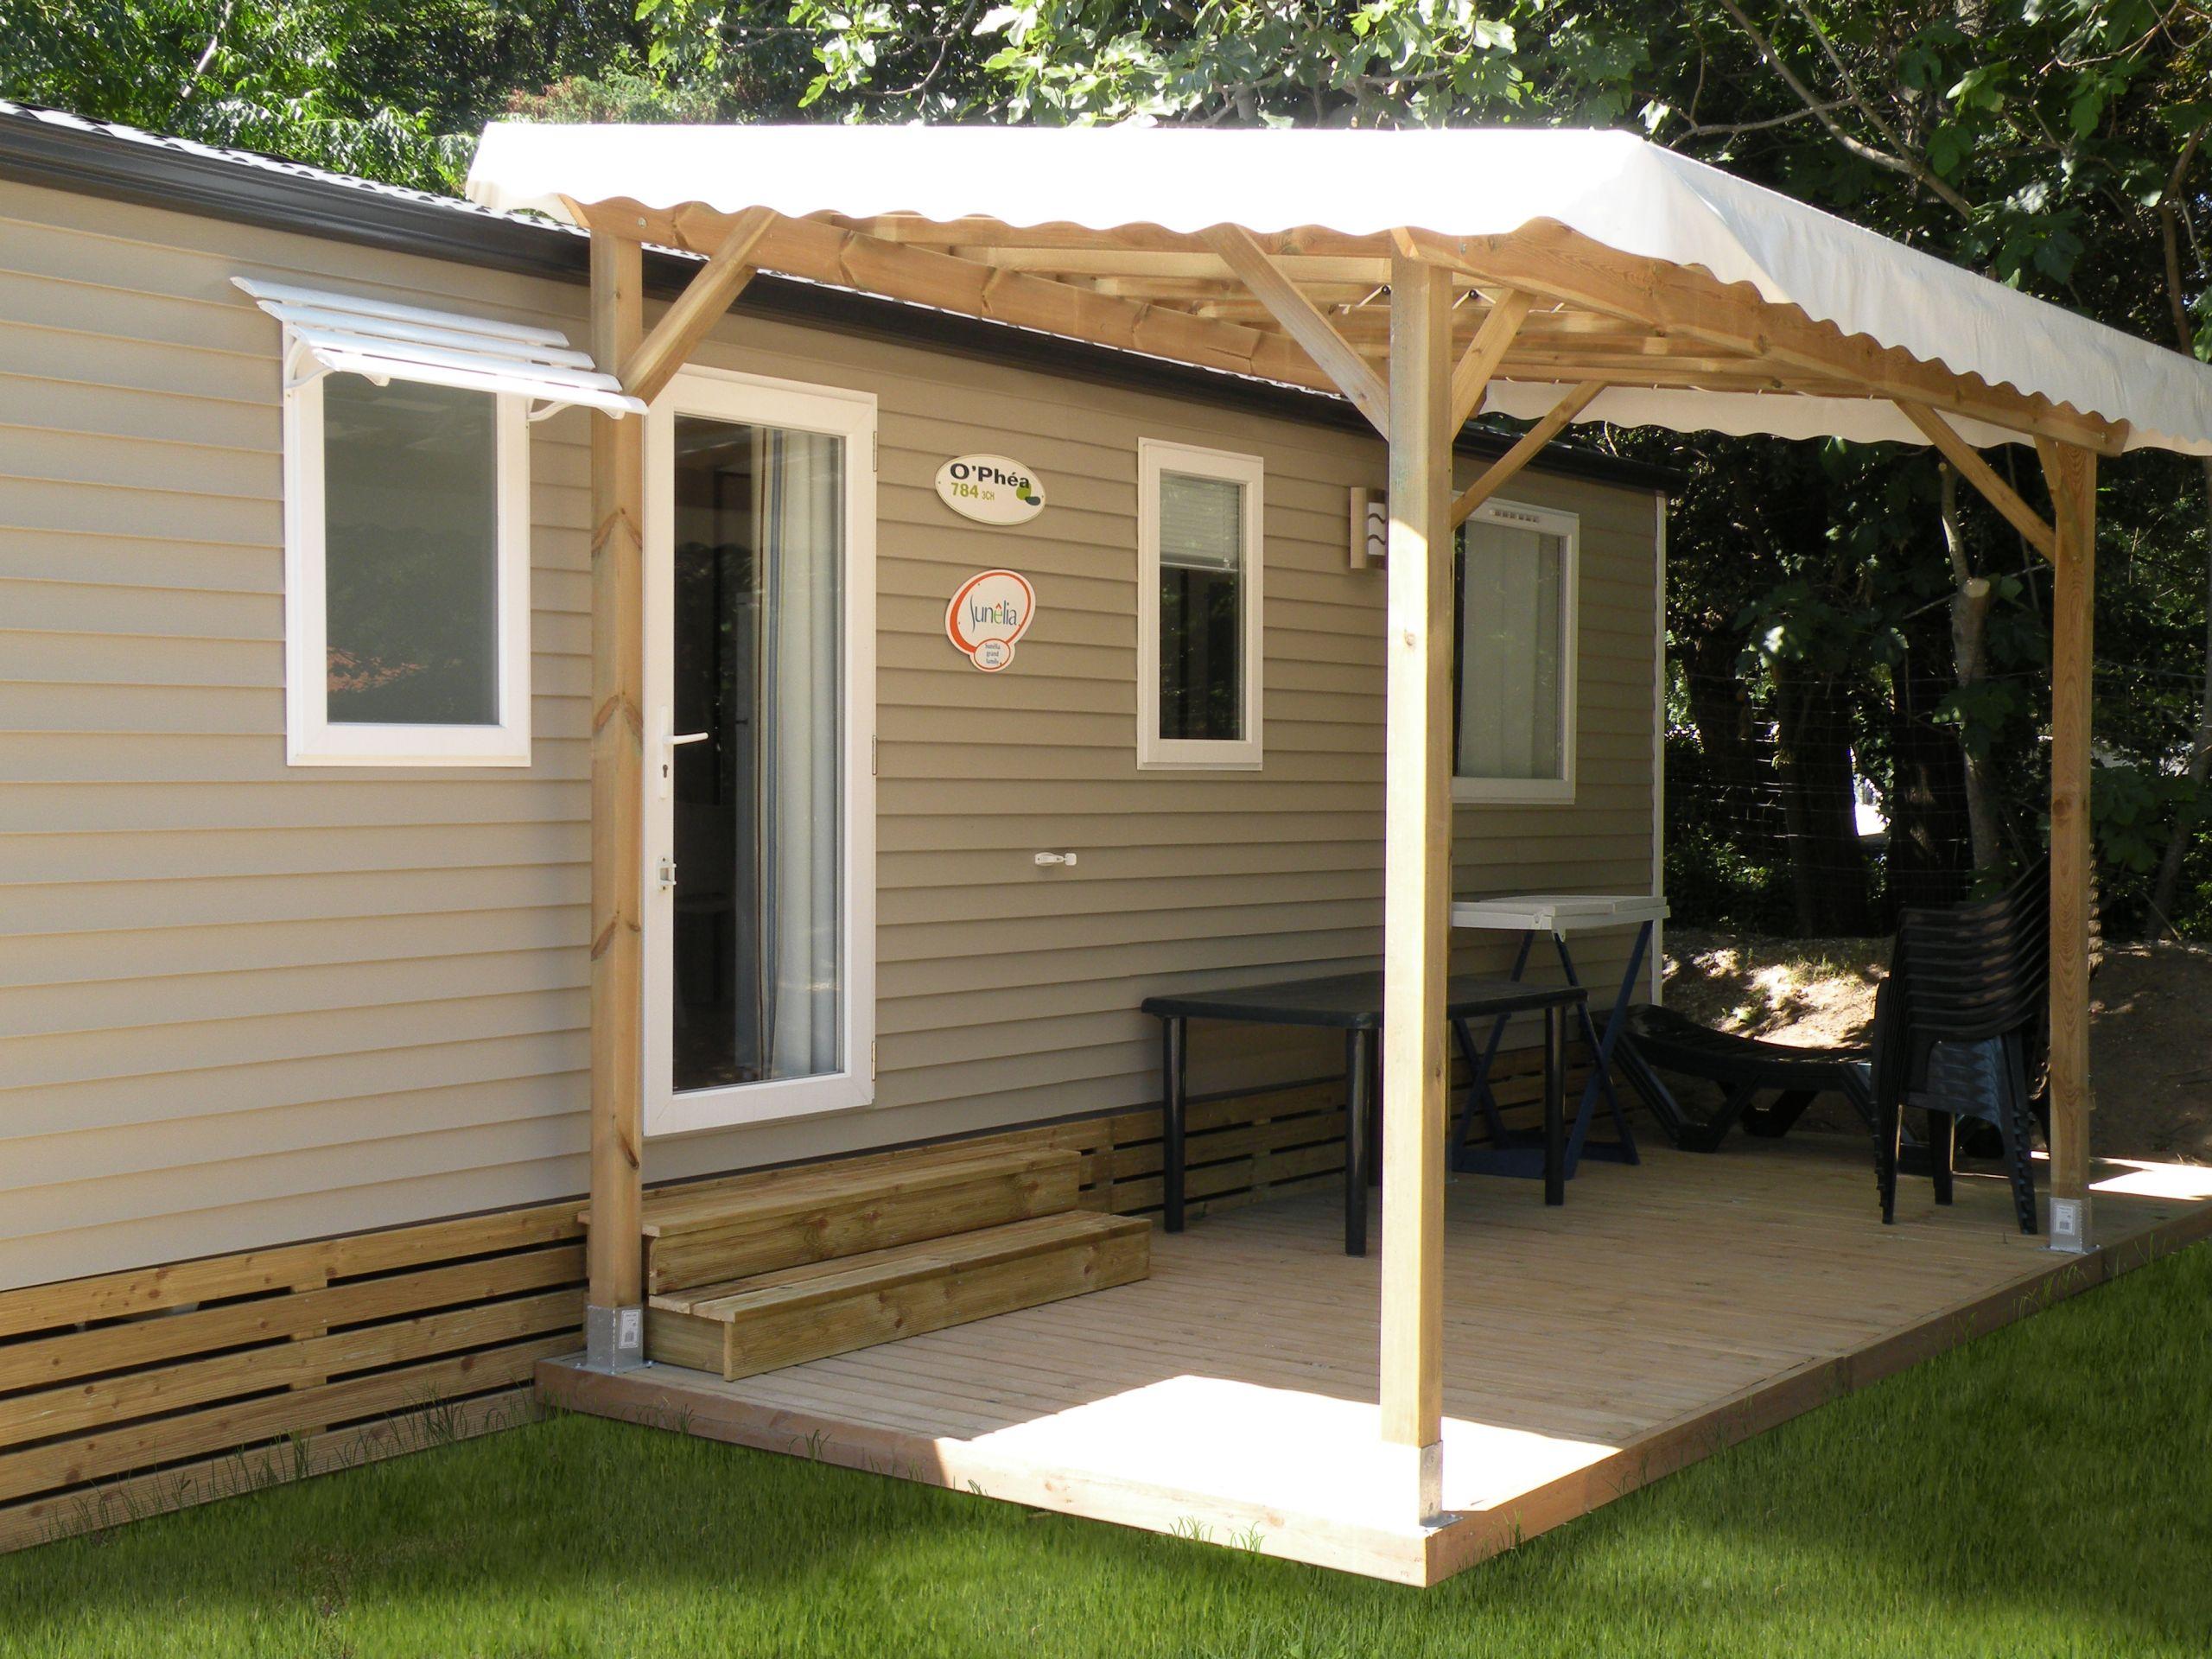 Couverture Terrasse Bois Pergolas Terrasses Pour Mobil Homes